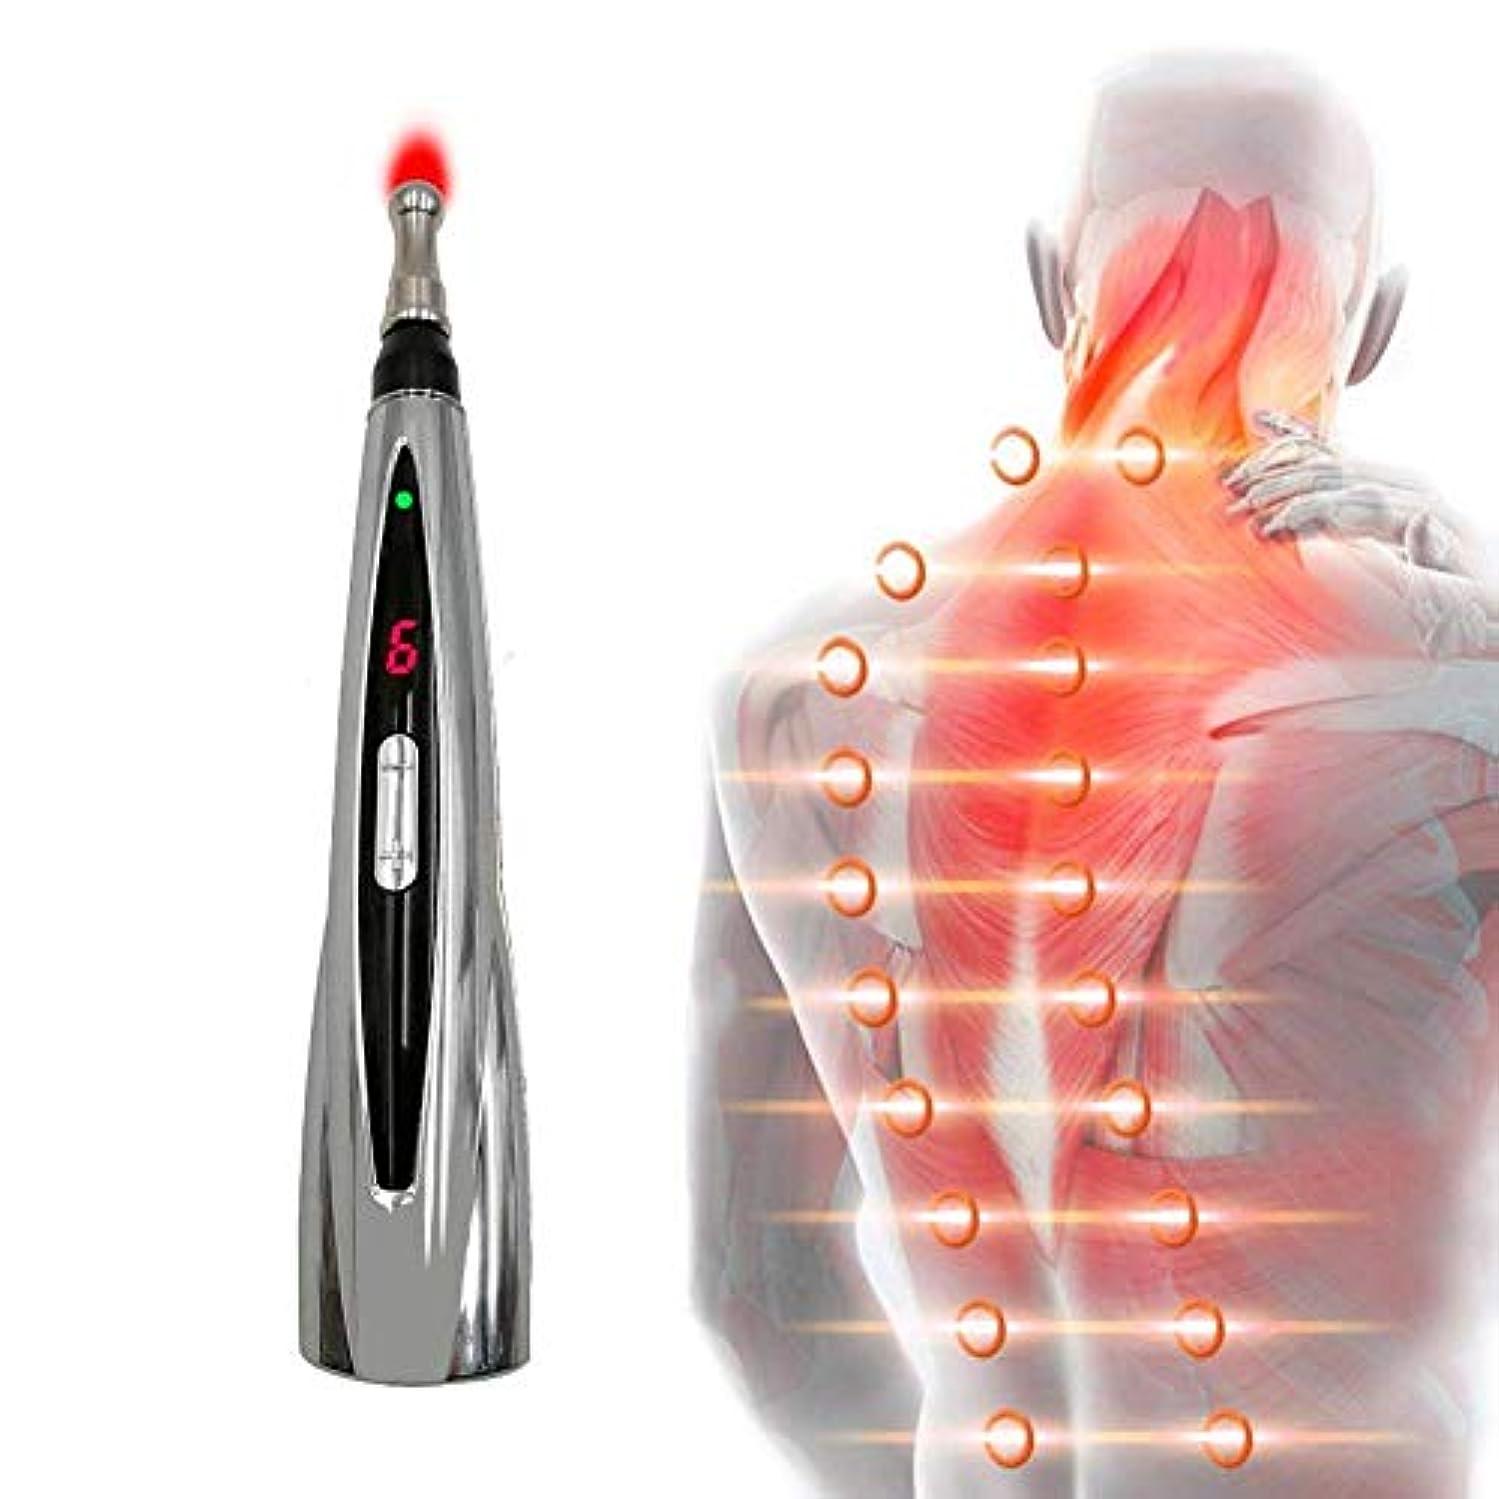 型マッサージ電子鍼 電気パ, ツボ押し 電動マッサージペン ペン, 鍼灸マッサージャー 足裏 棒 マッサージ, 携帯用電子針